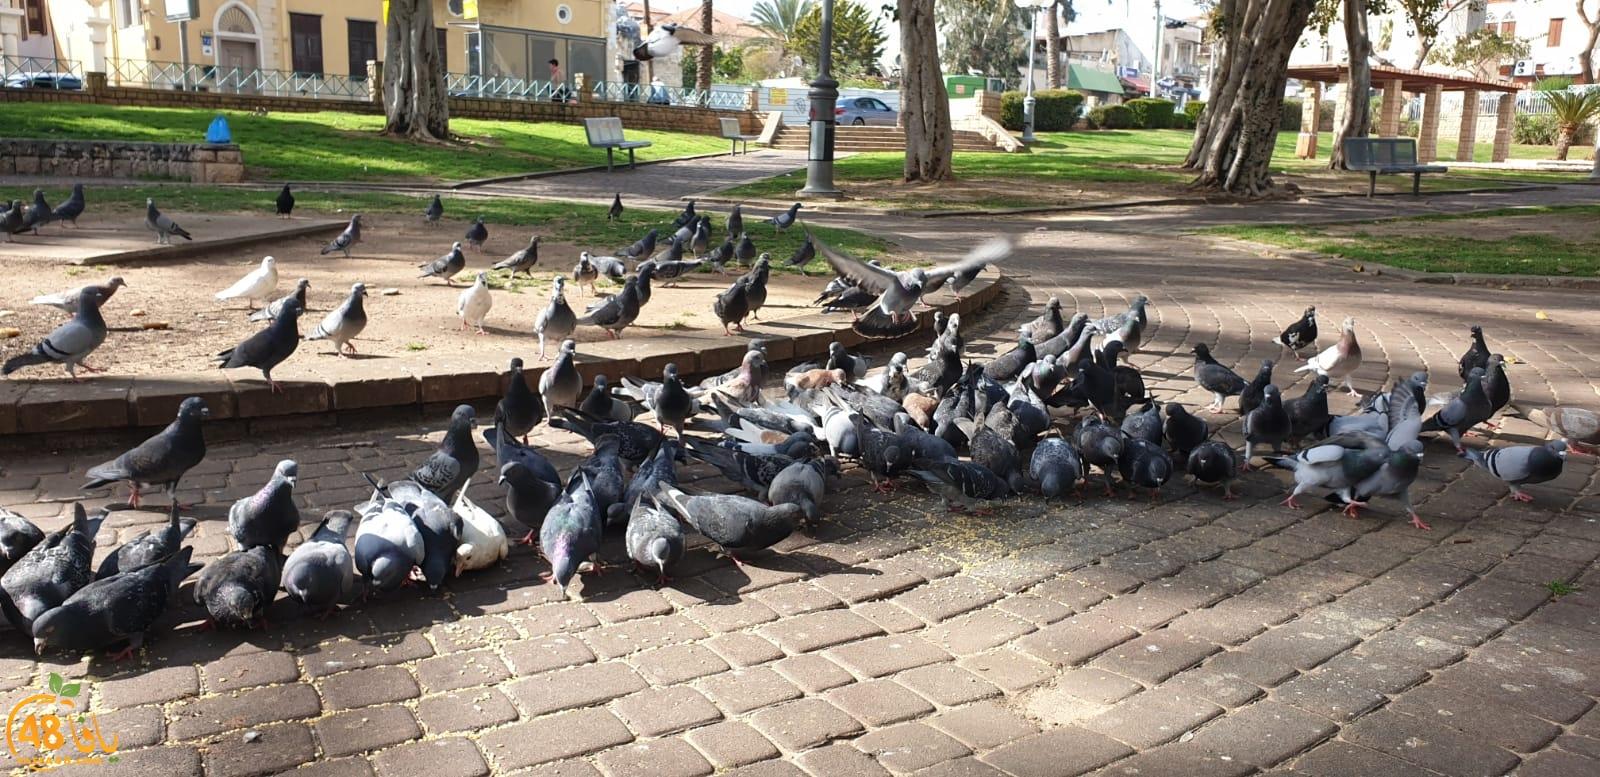 فيديو: لقطات رائعة لطيور الحمام في حديقة العجمي بيافا